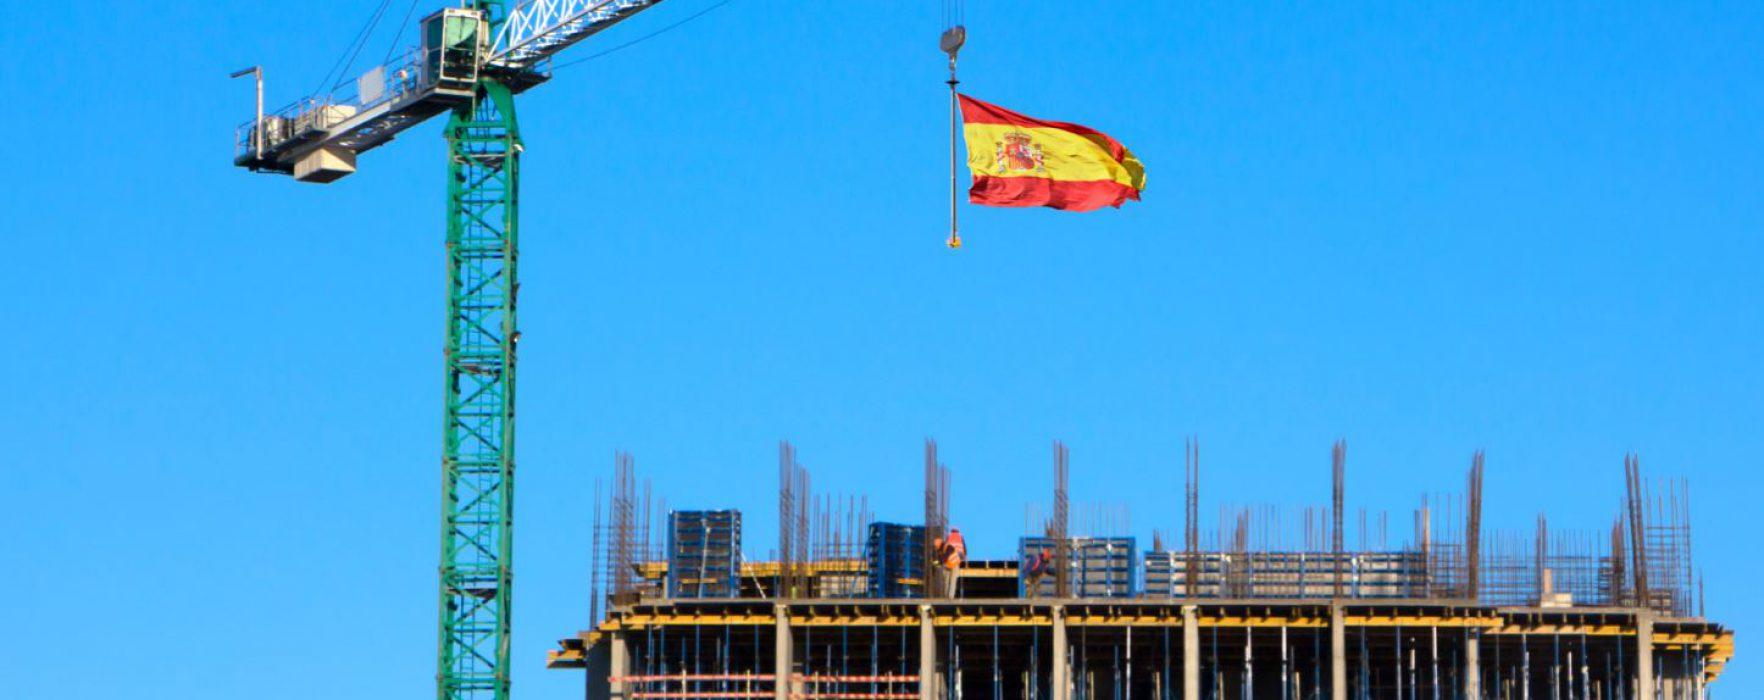 ¿Qué significa la puesta de bandera en un edificio en construcción?